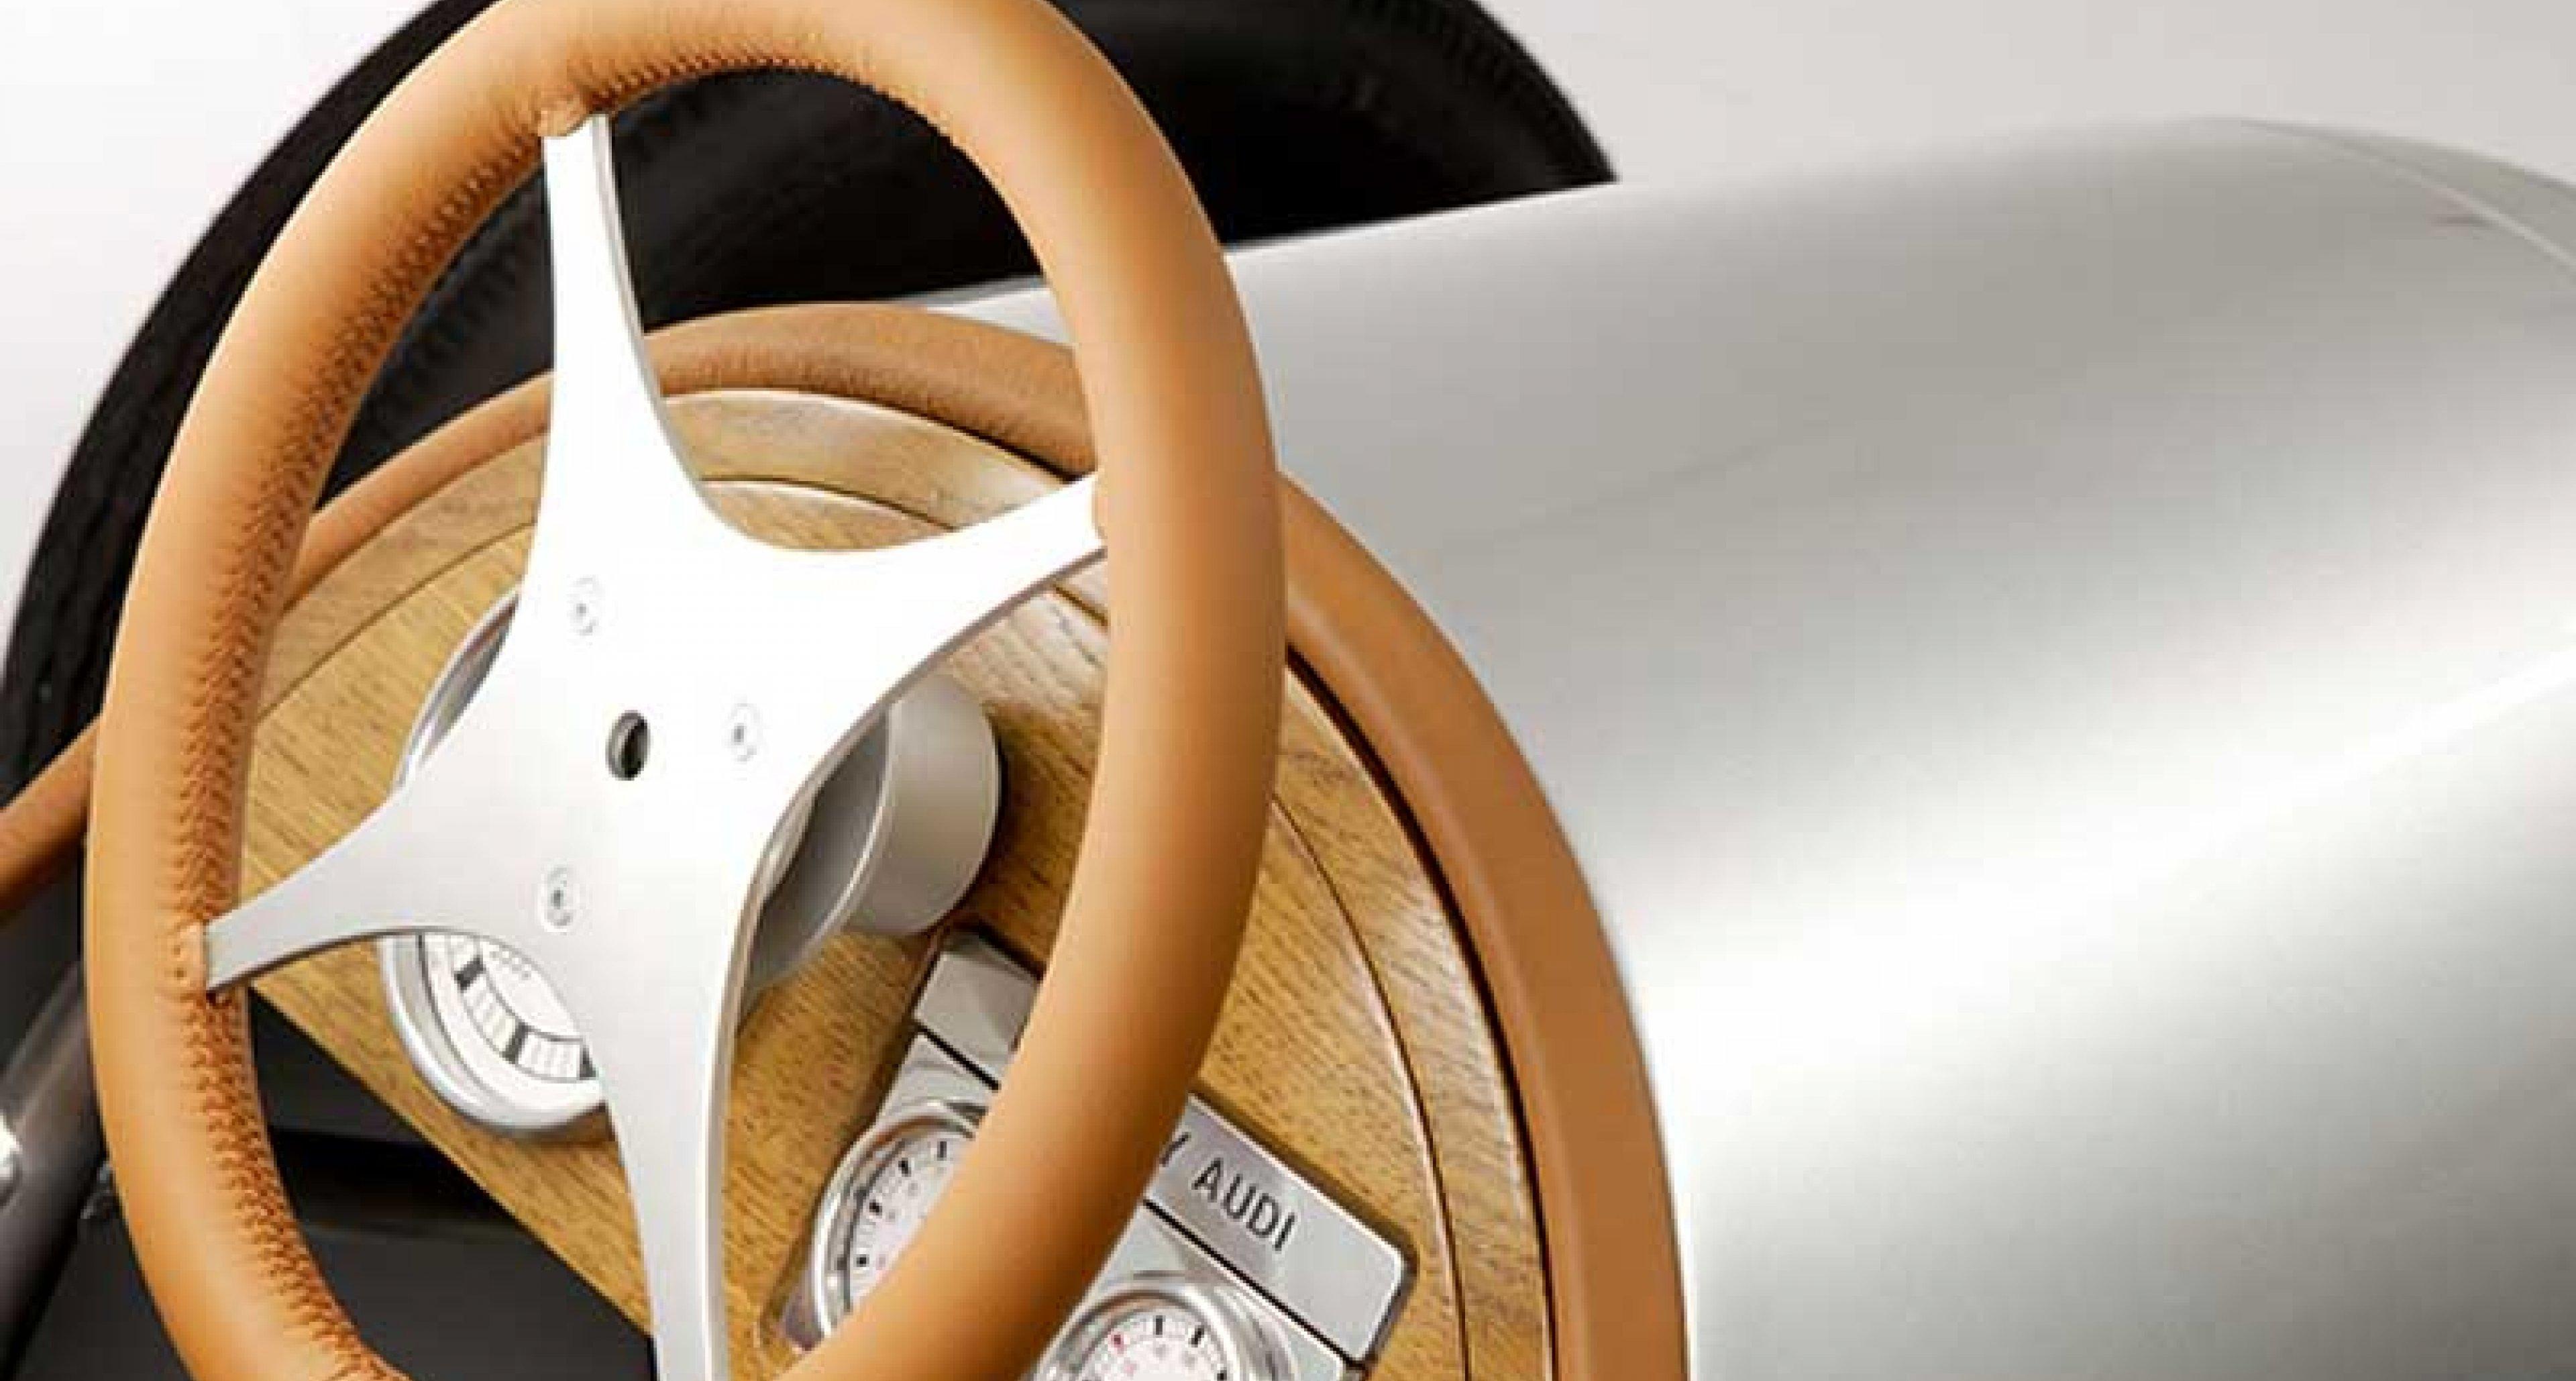 Auto Union Type C pedal car